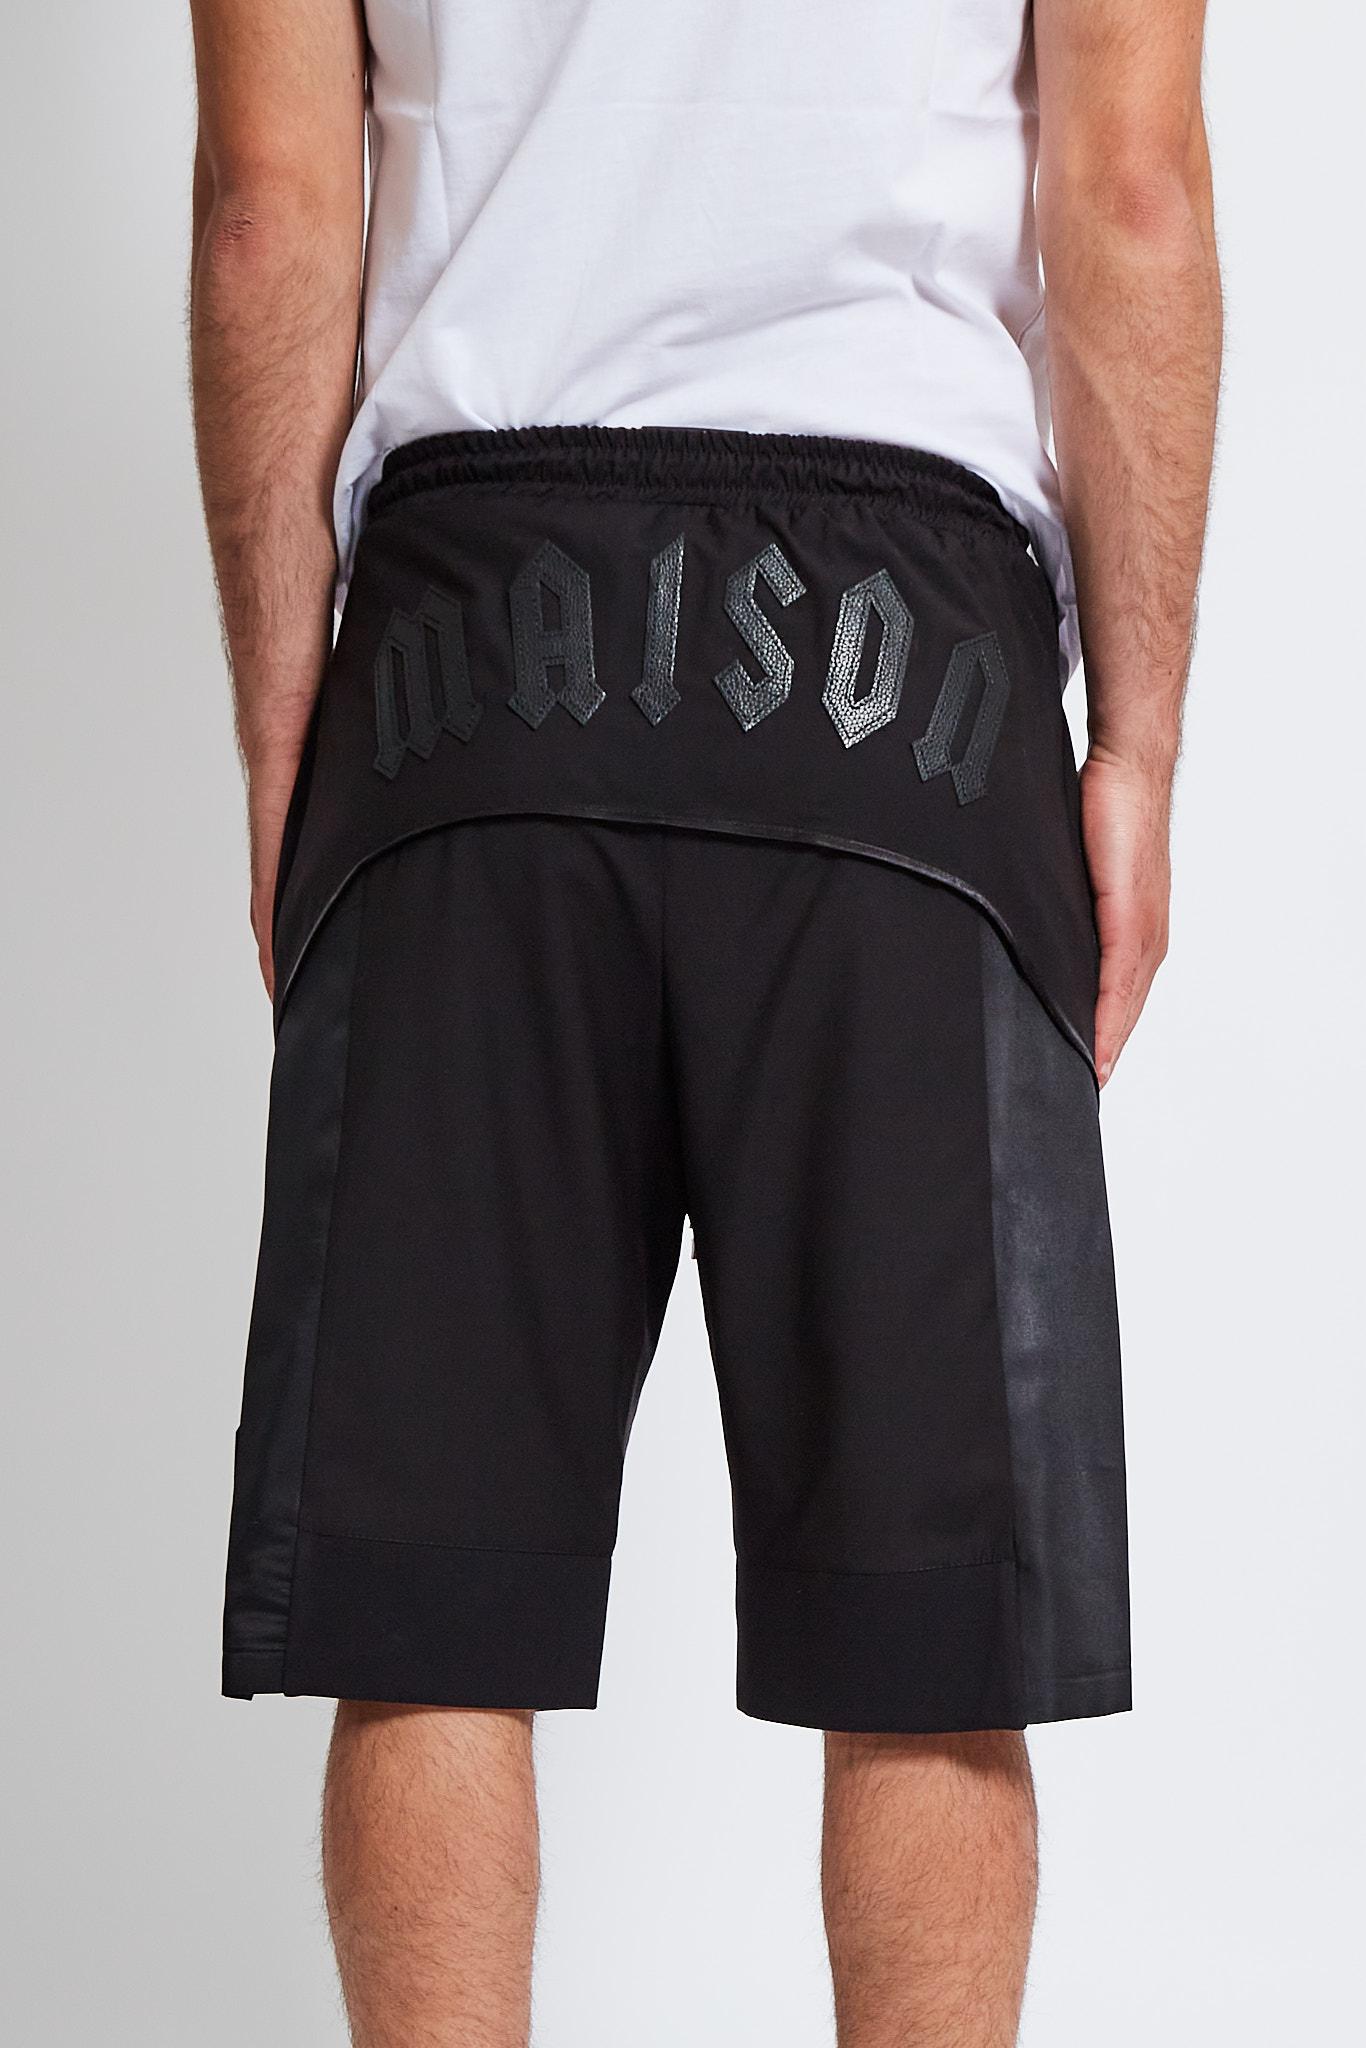 Shorts Maison 9 Paris MAISON 9 PARIS | Shorts | S5055NERO